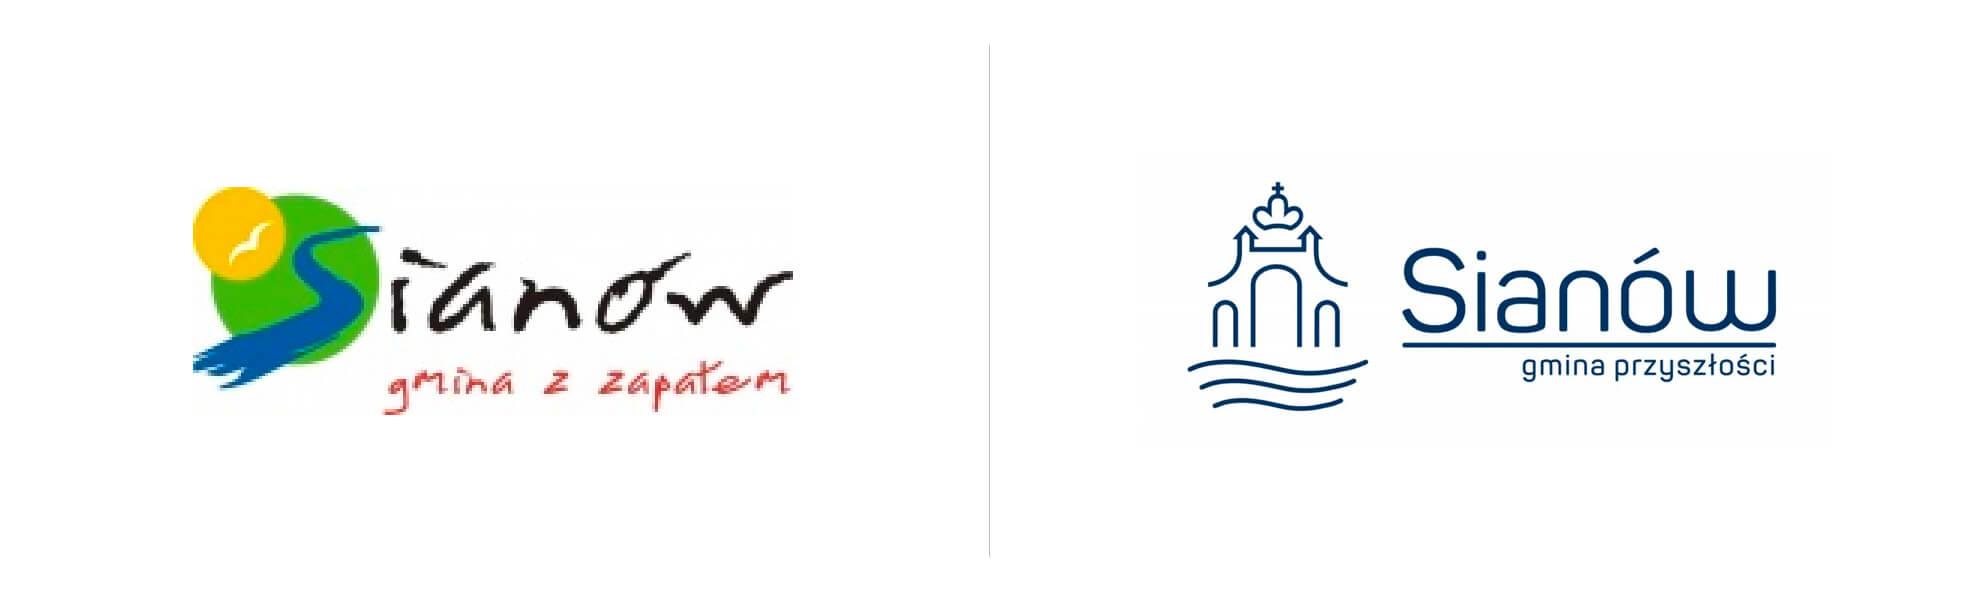 sianów zmienia logo